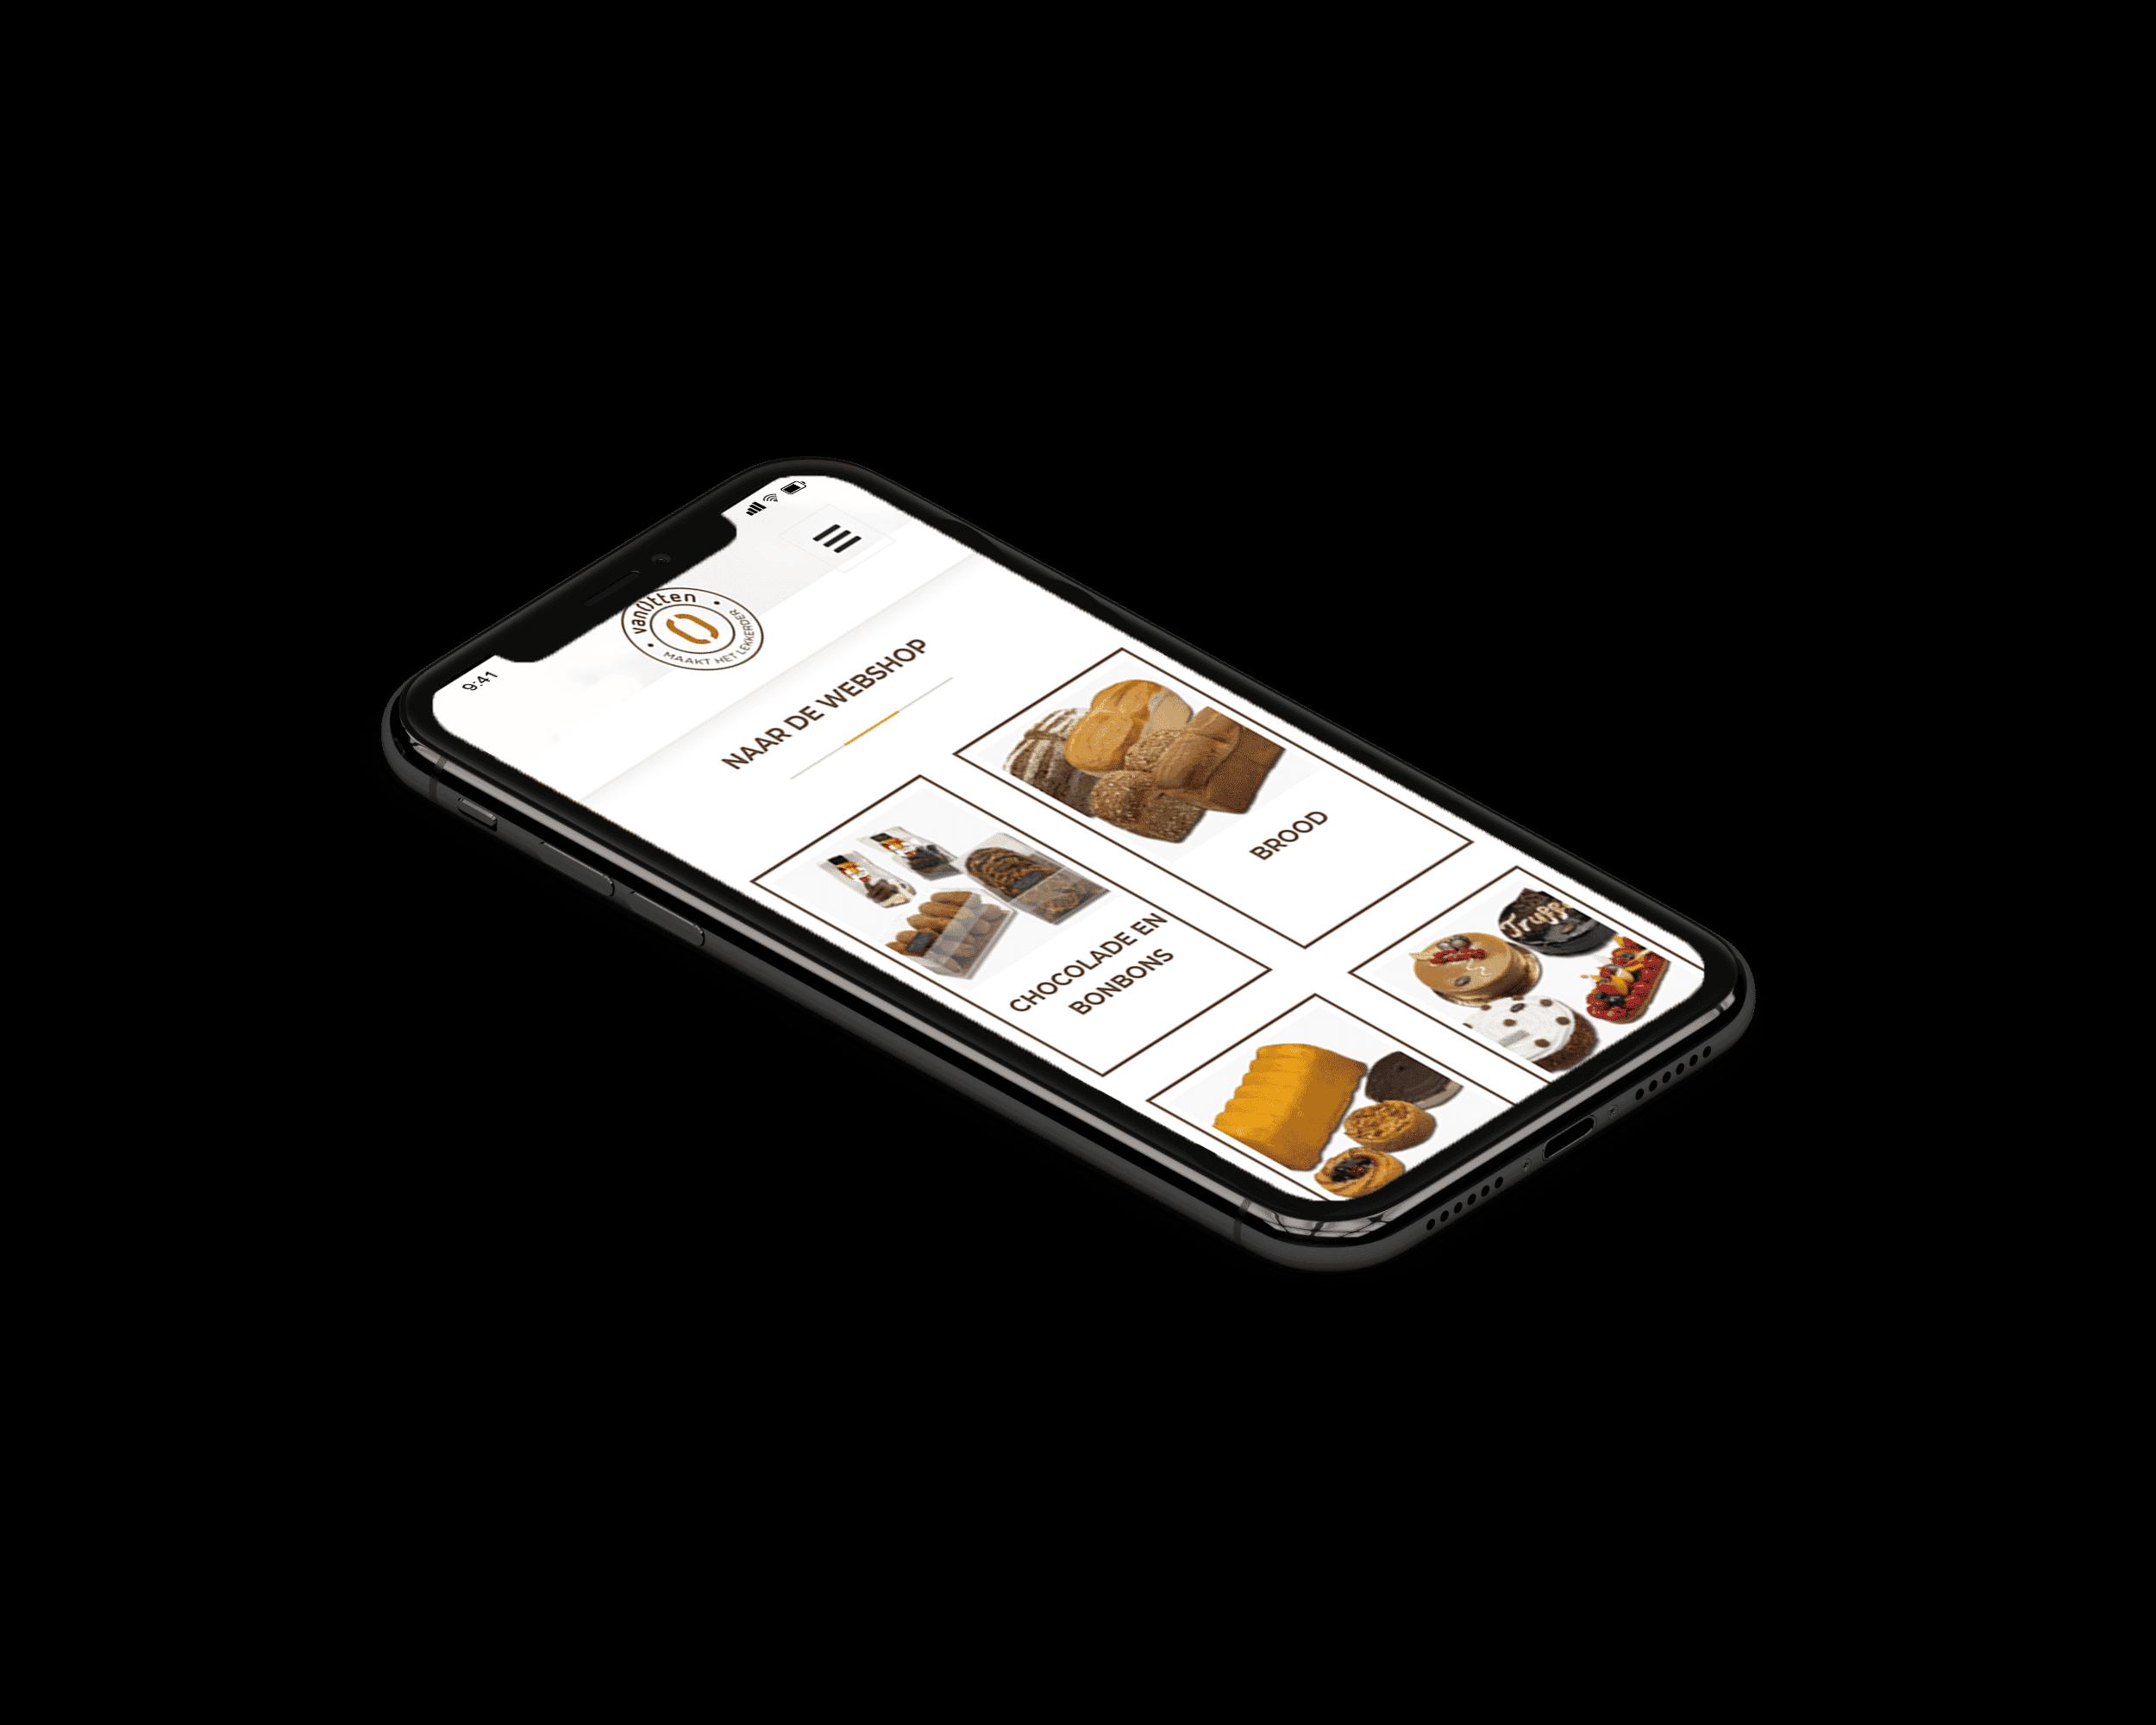 mobiele kassa koppeling